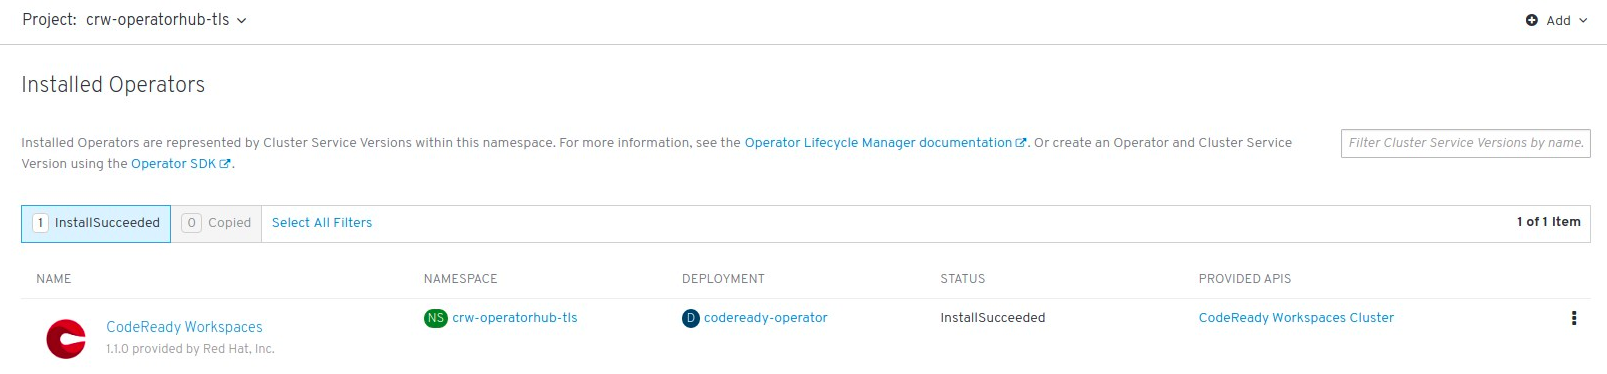 Installed Operator on Operator Hub